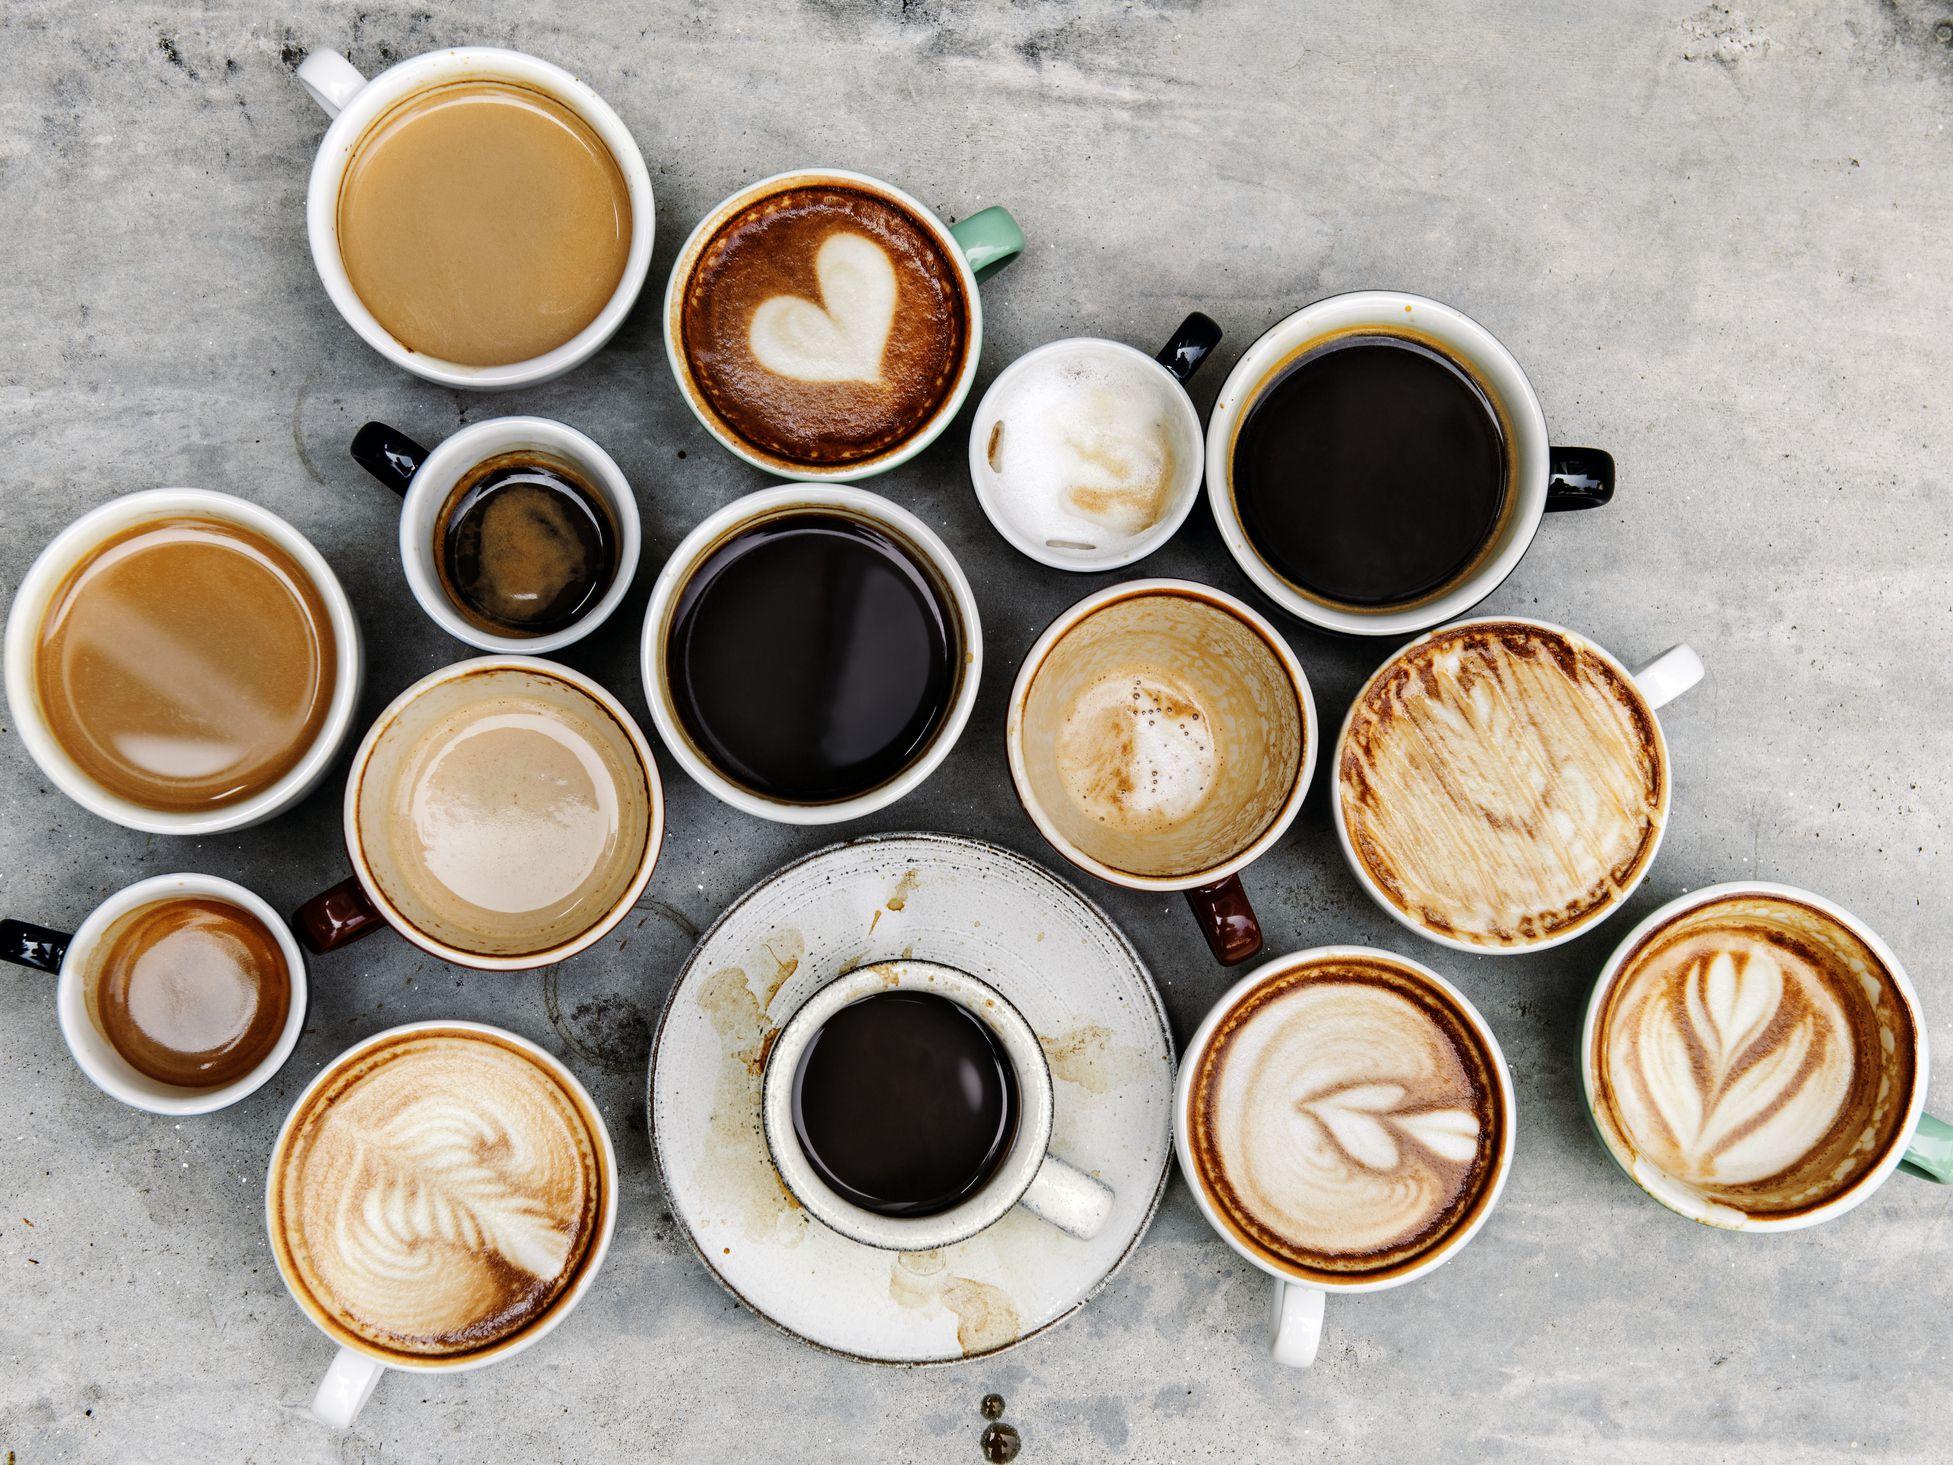 Cà phê dần trở thành thức uống phổ biến trên toàn Thế giới